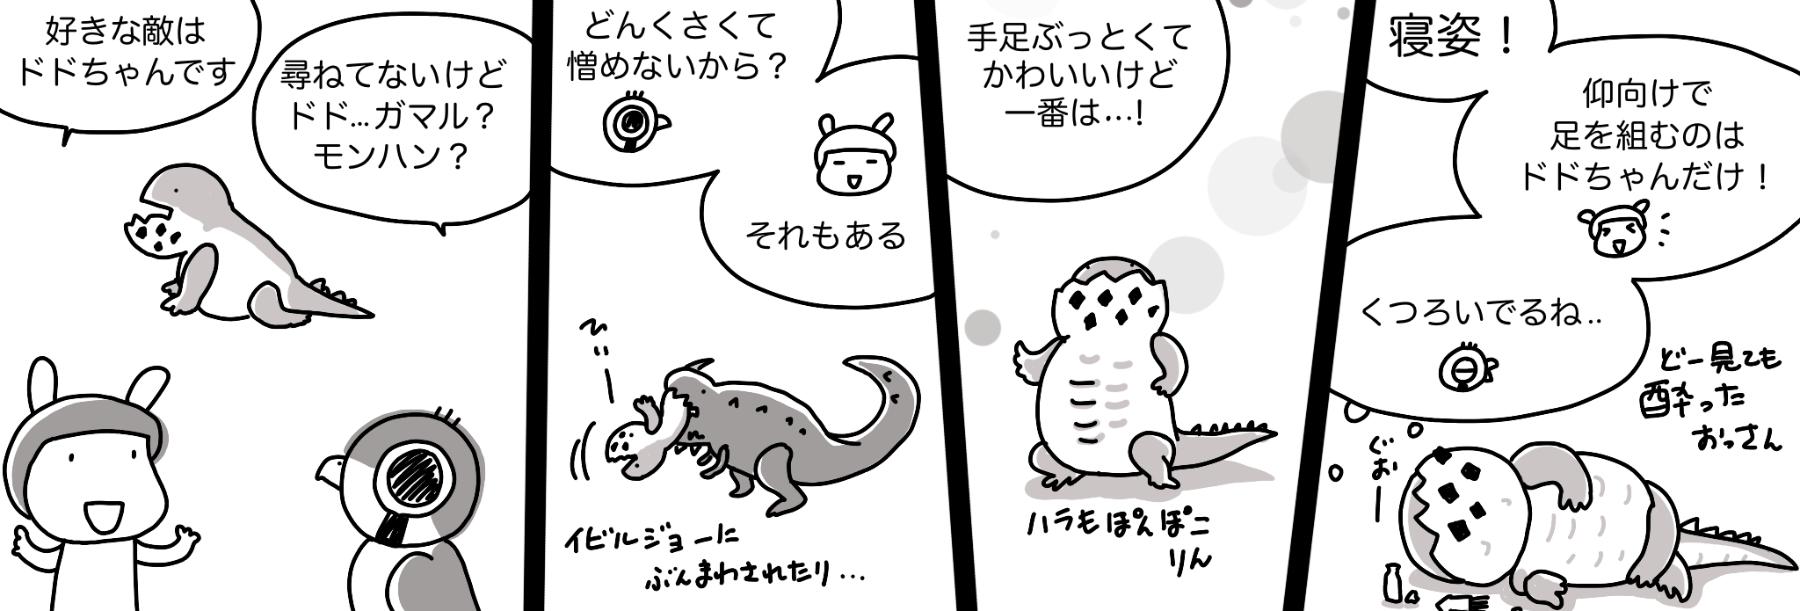 モンハンワールド漫画日記:ドドちゃん